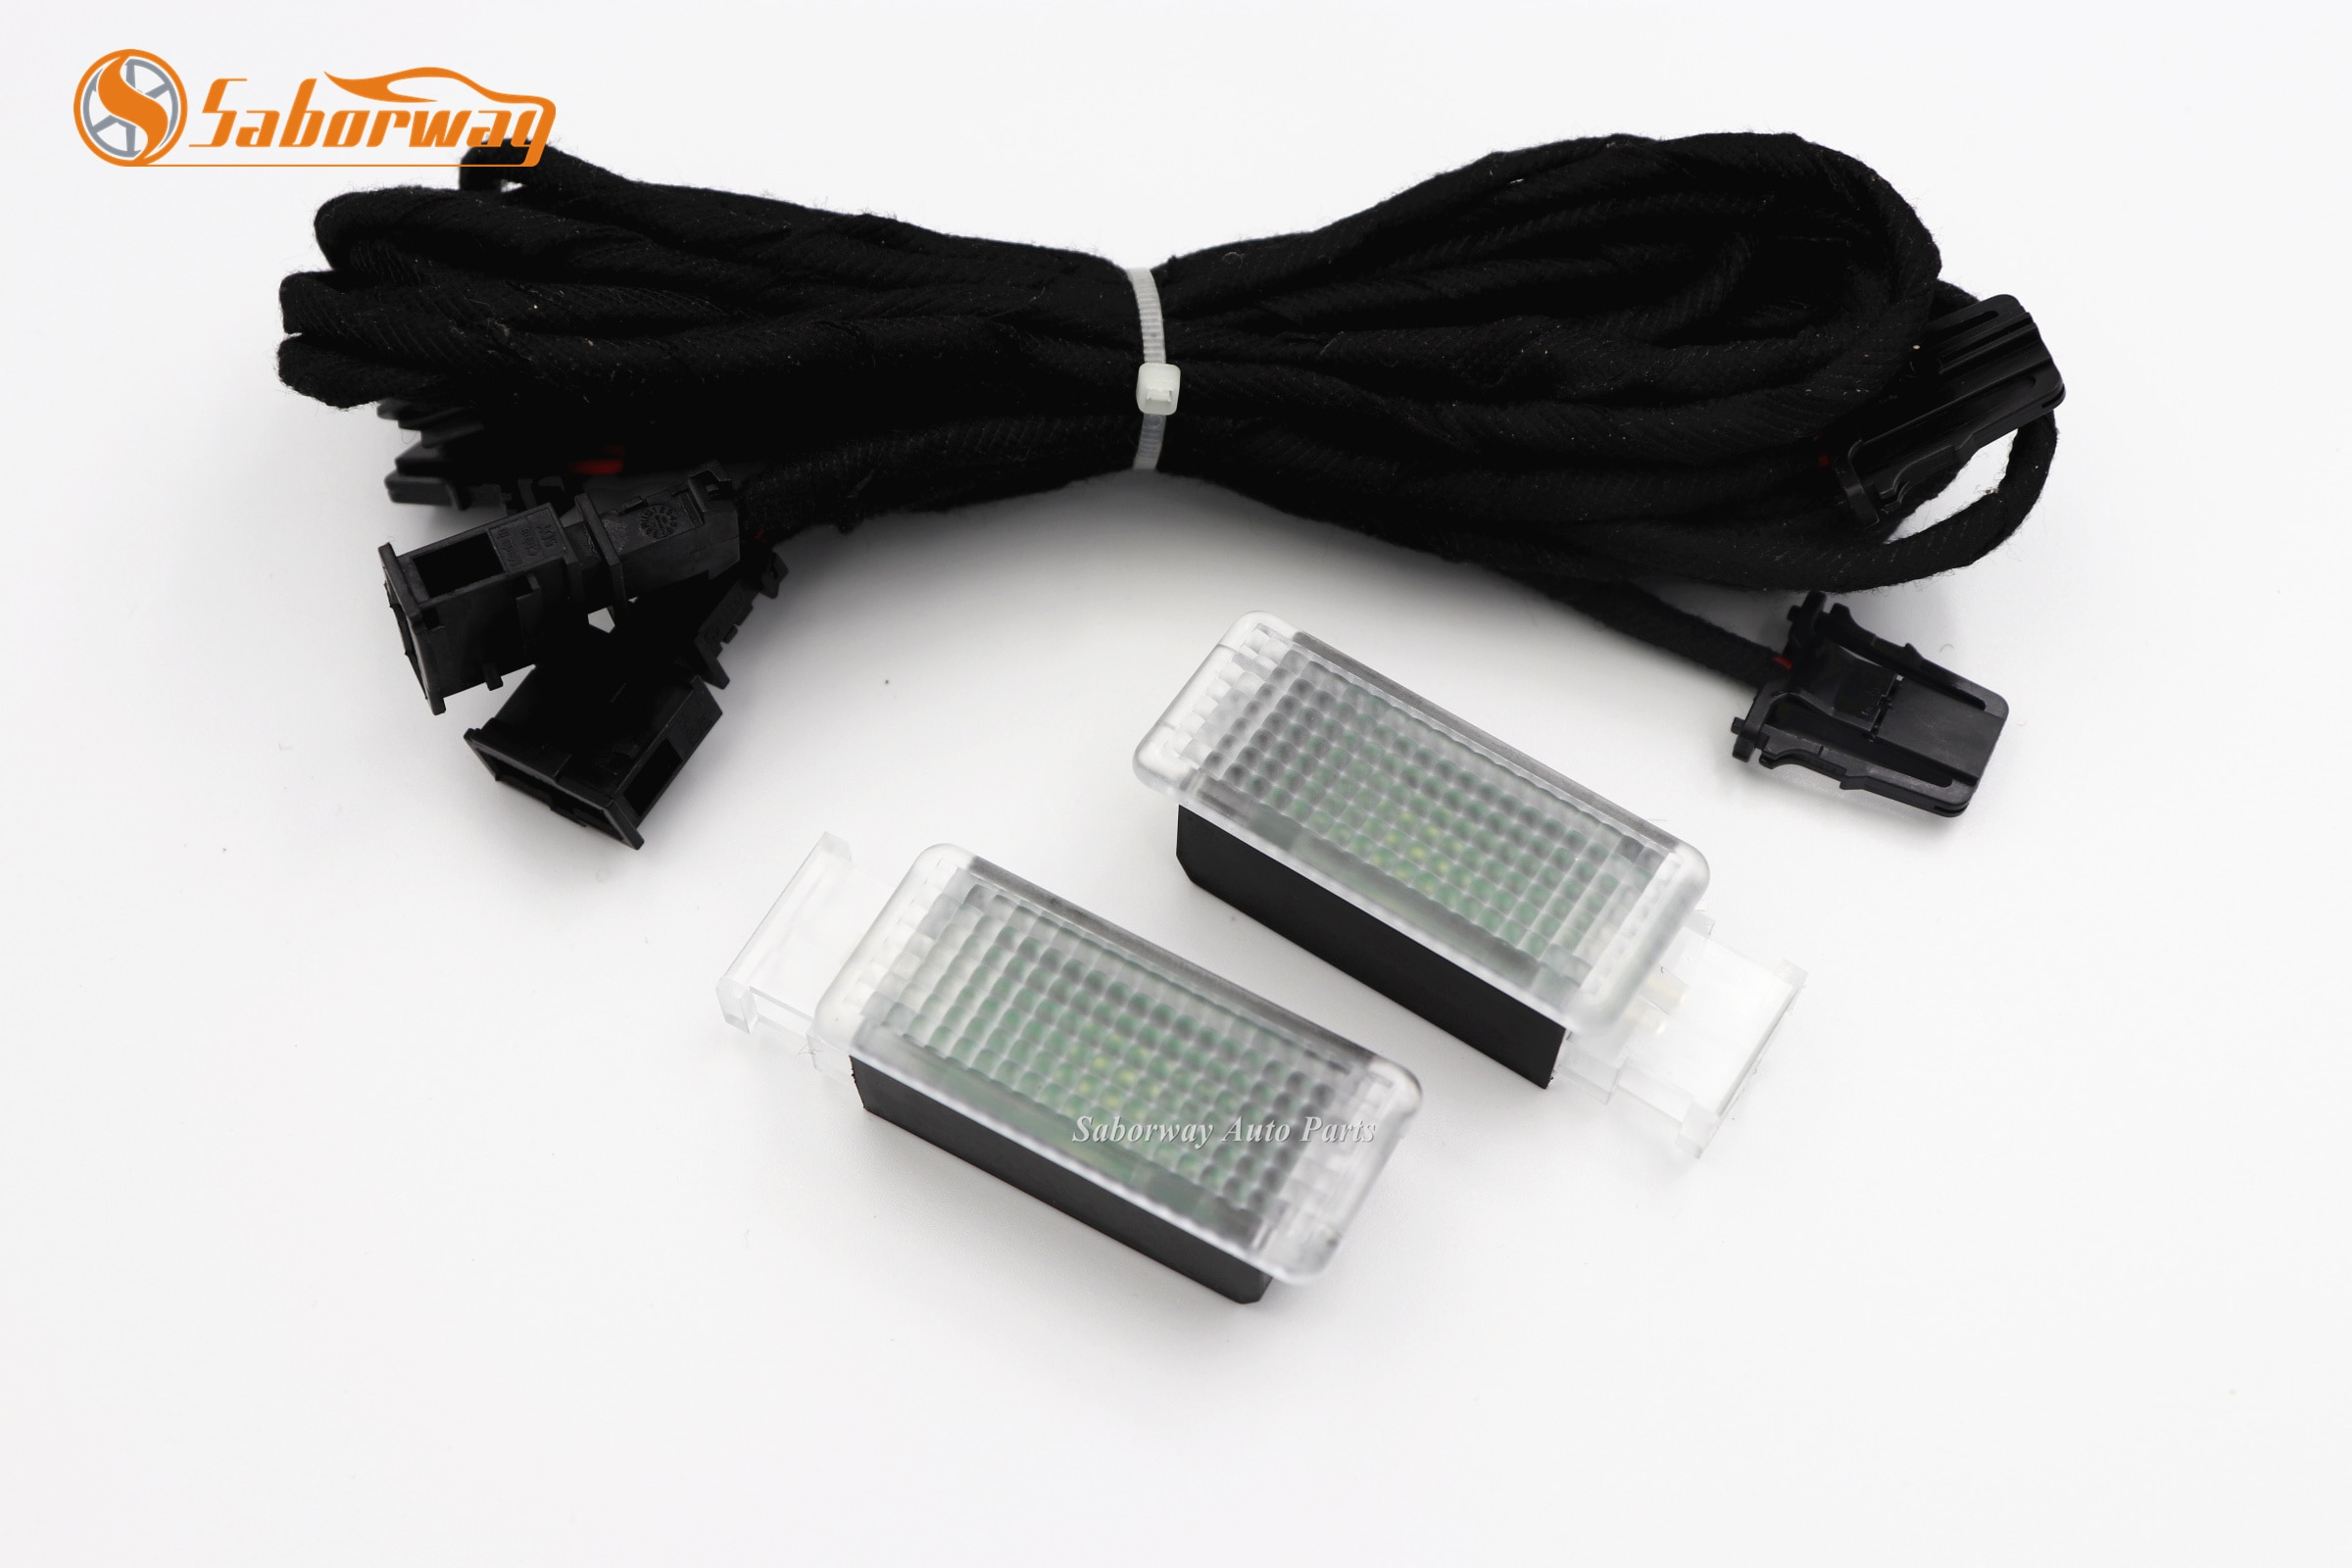 Светодиодная лампа для ног, 2 шт., космическая лампа и кабель для гольфа 7 MK7 Passat 3G B8 5GG947409 5GG 947 409 5G0947409 5G0 947 409